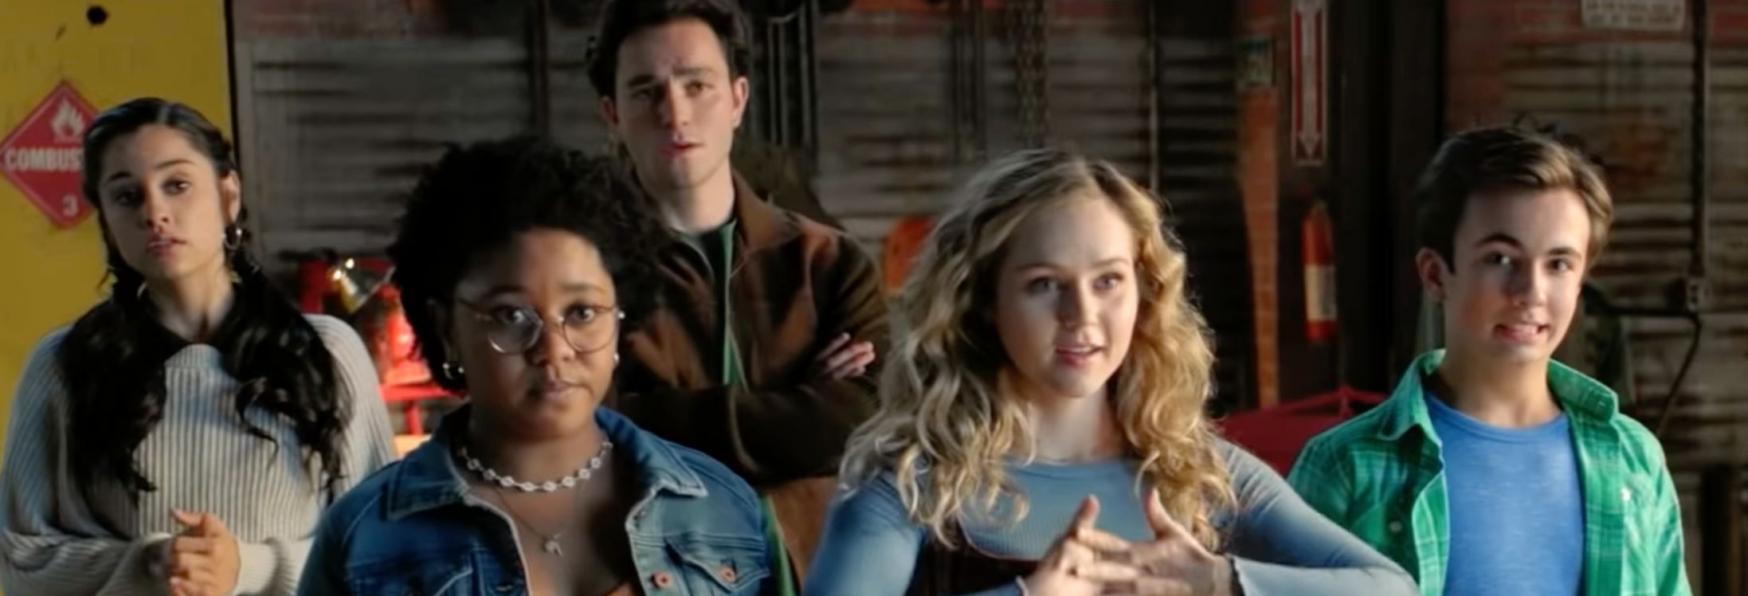 Stargirl 2: Più Romanticismo nella nuova Stagione della Serie TV